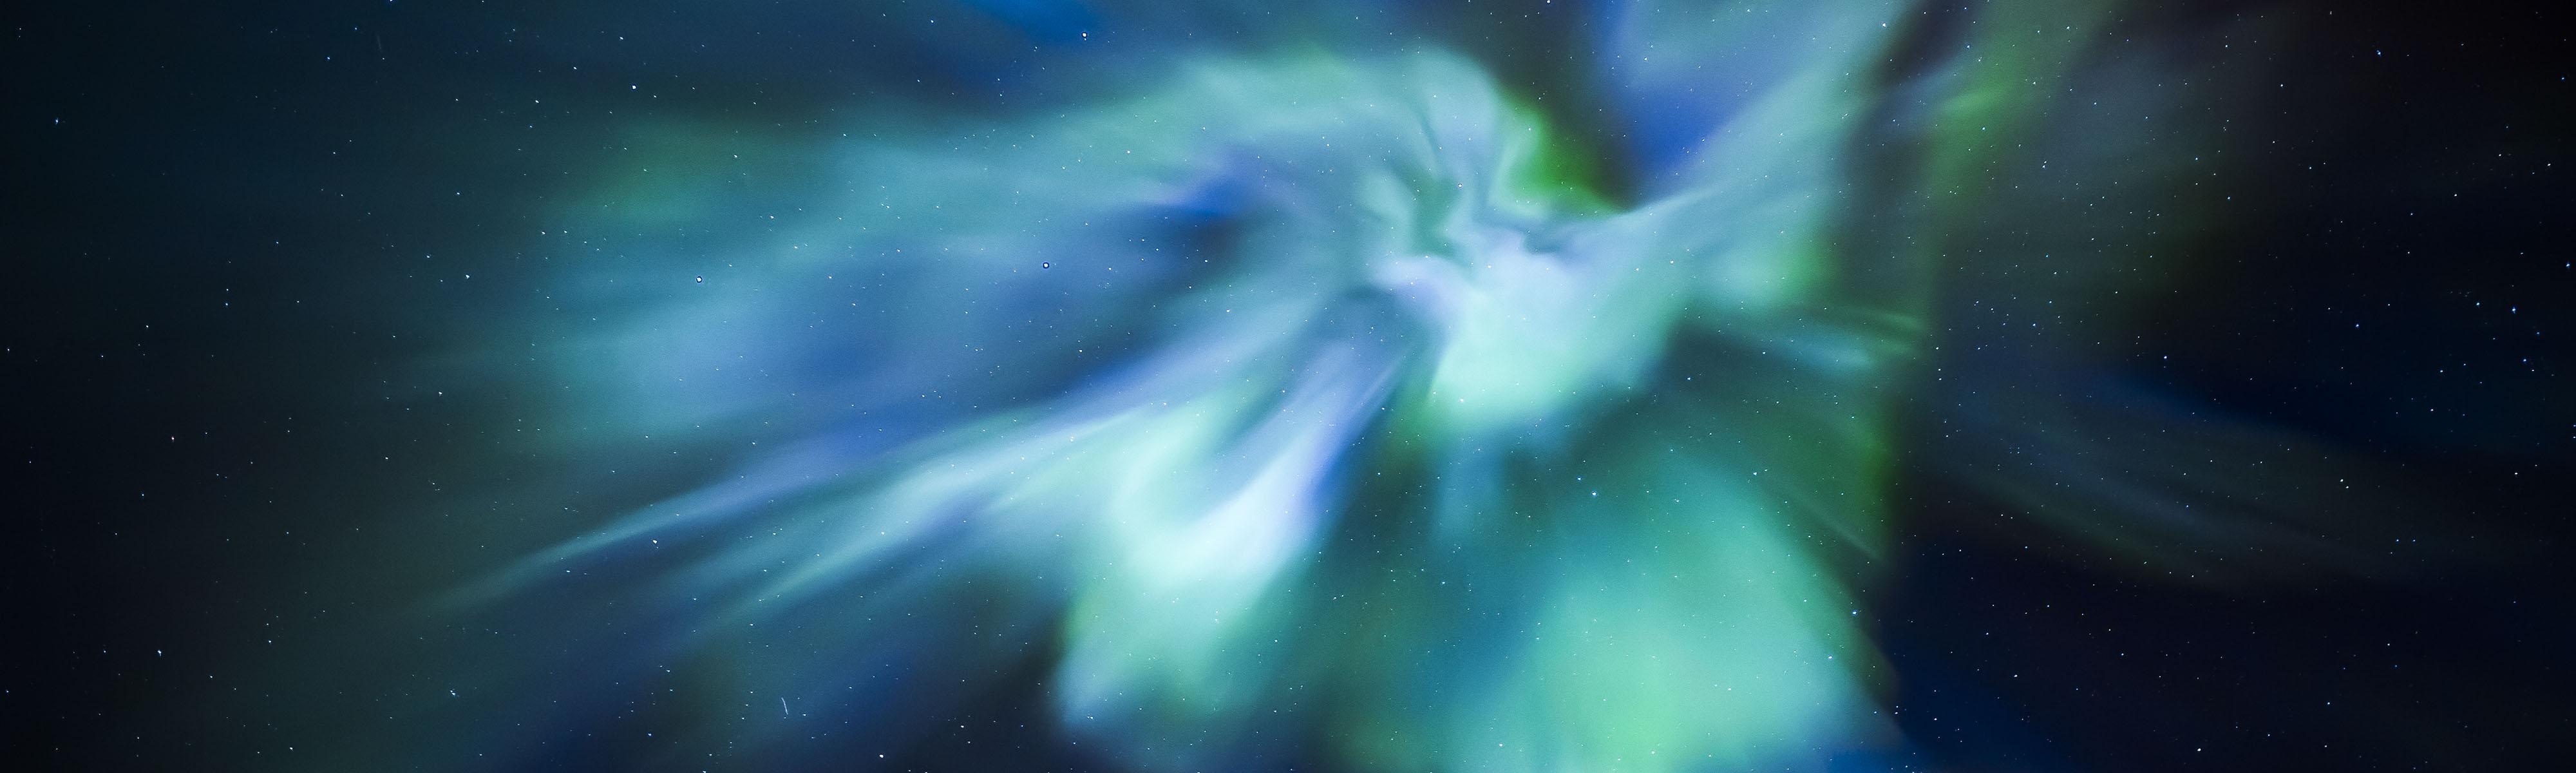 Sliderbild-Aurora-Explosion